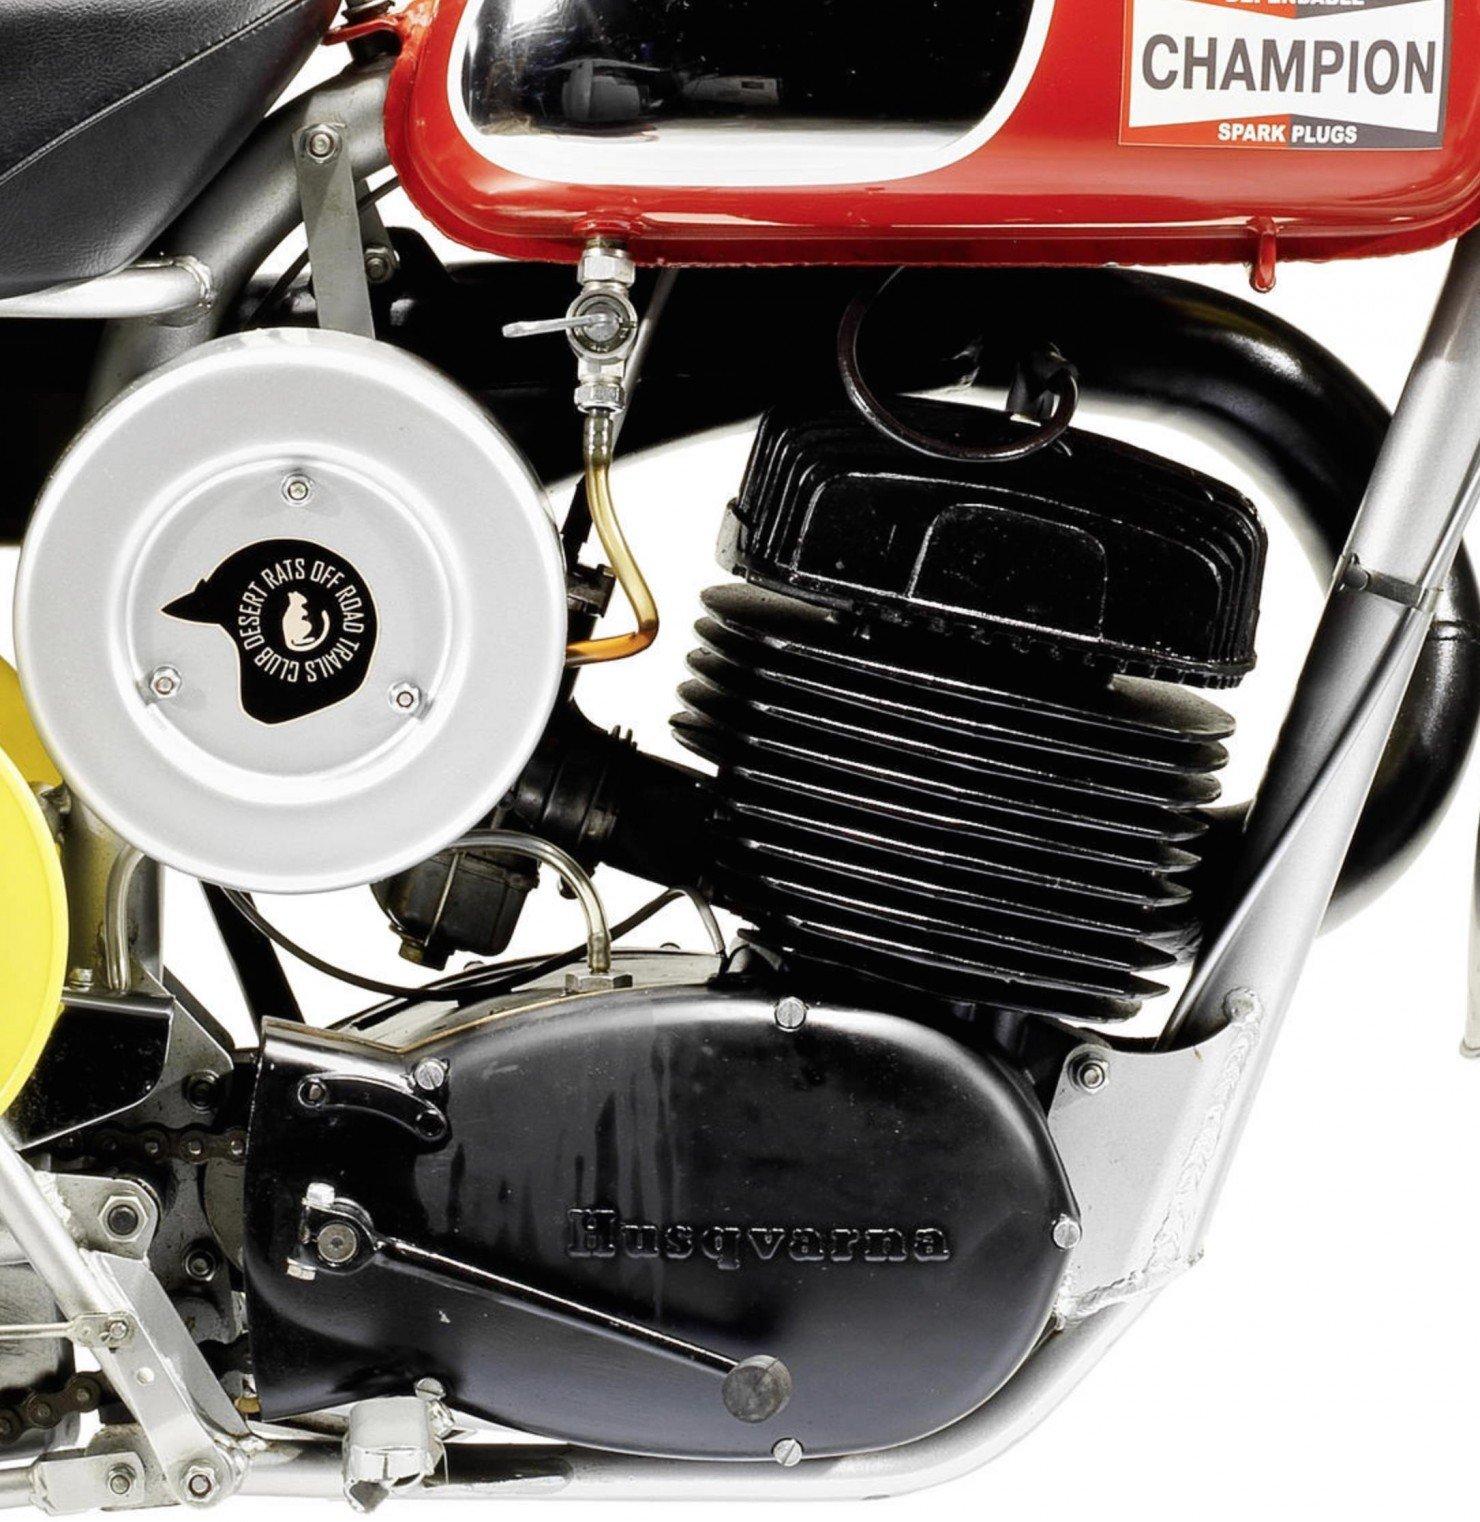 Husqvarna 400 Cross Engine